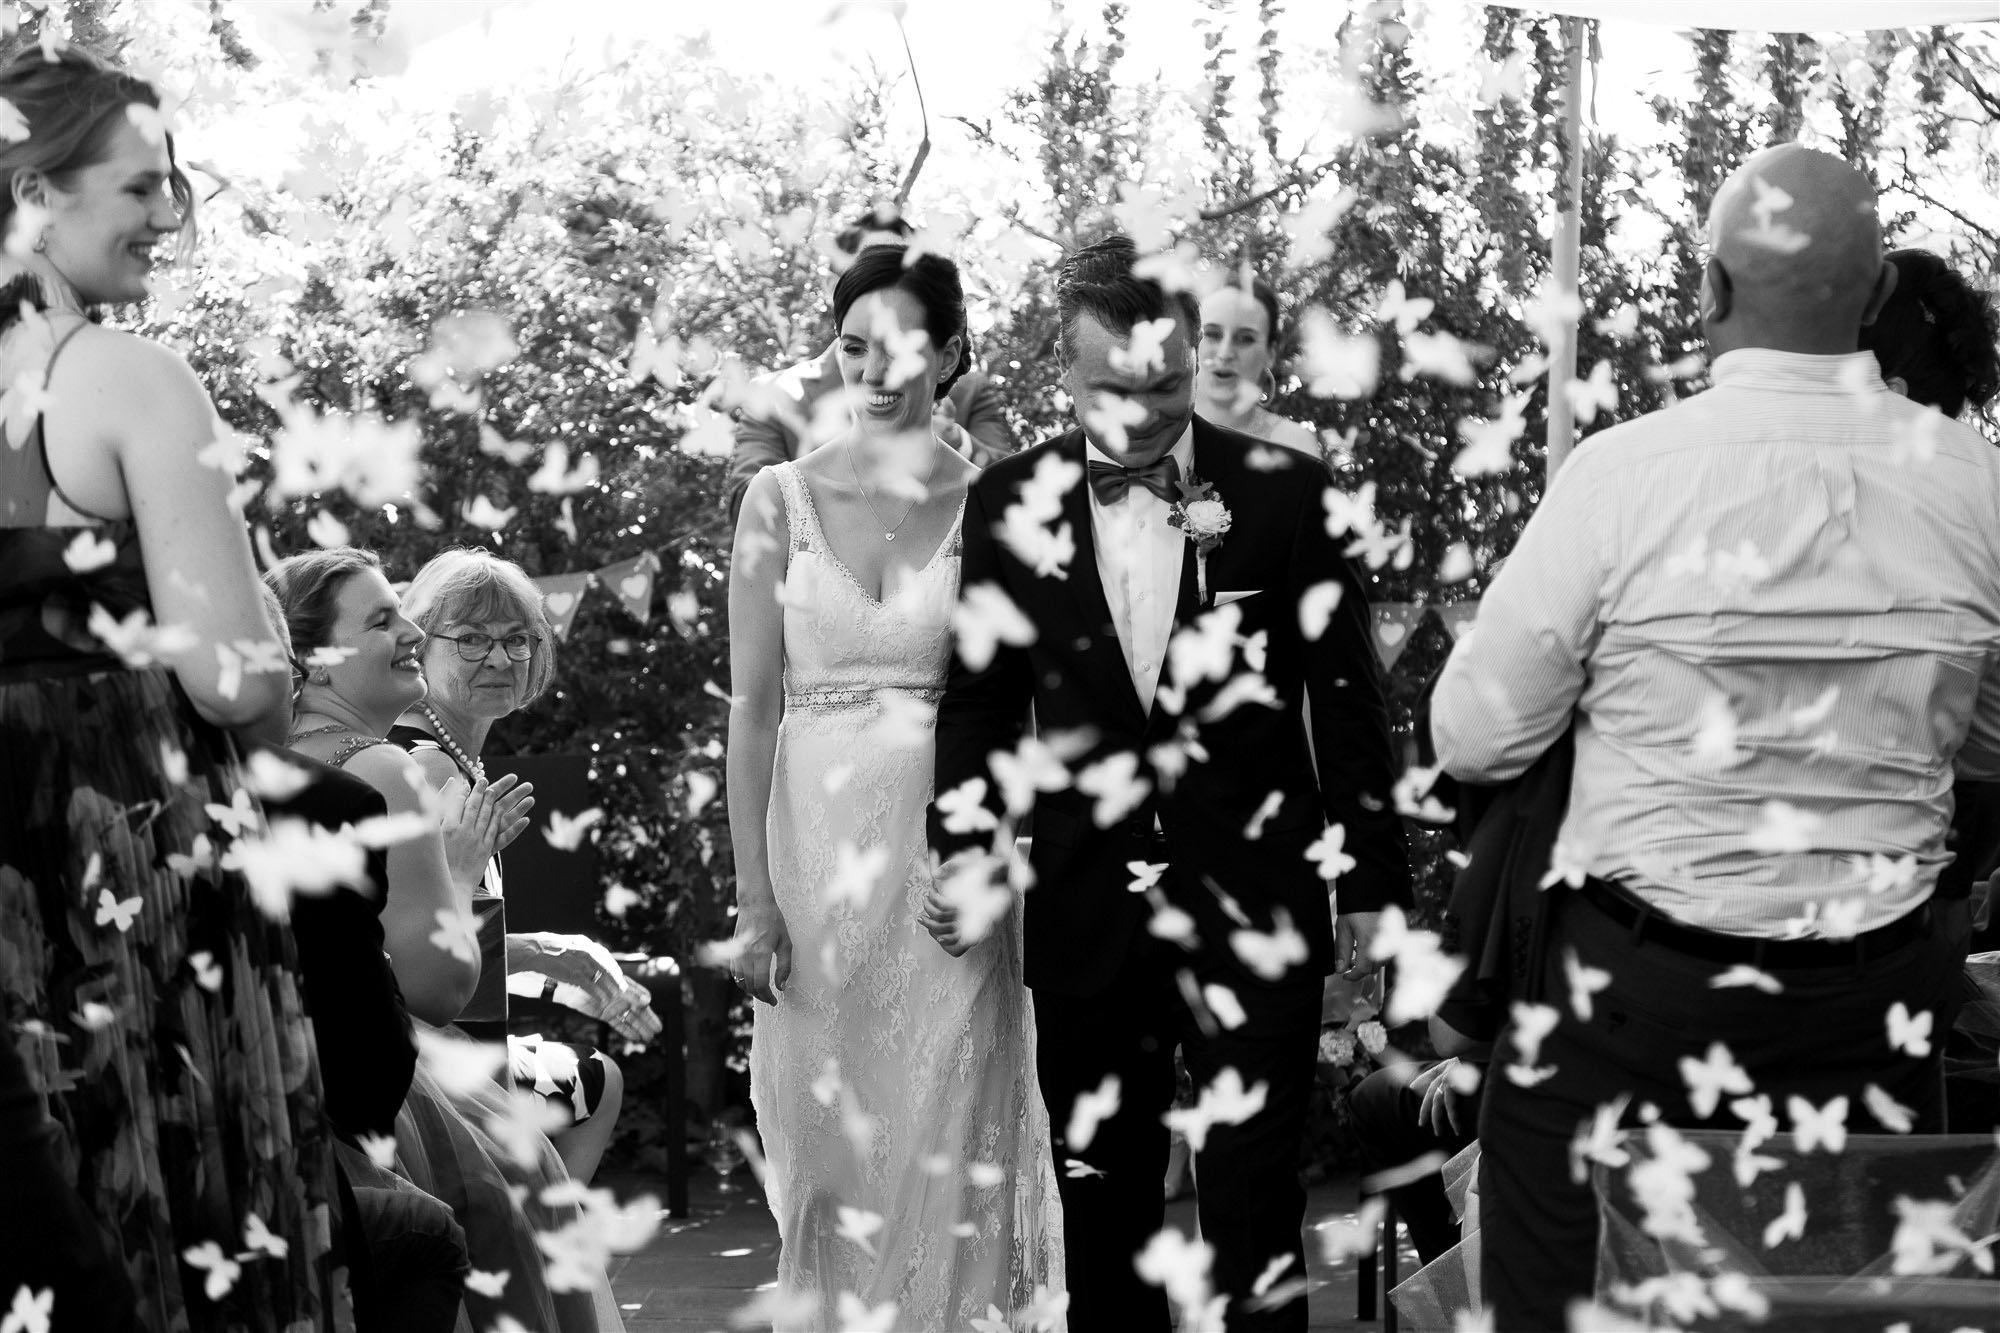 Hochzeit im Teufelhof - Confetti Regen nach der Trauung - Hochzeitsfotograf Nicole.Gallery